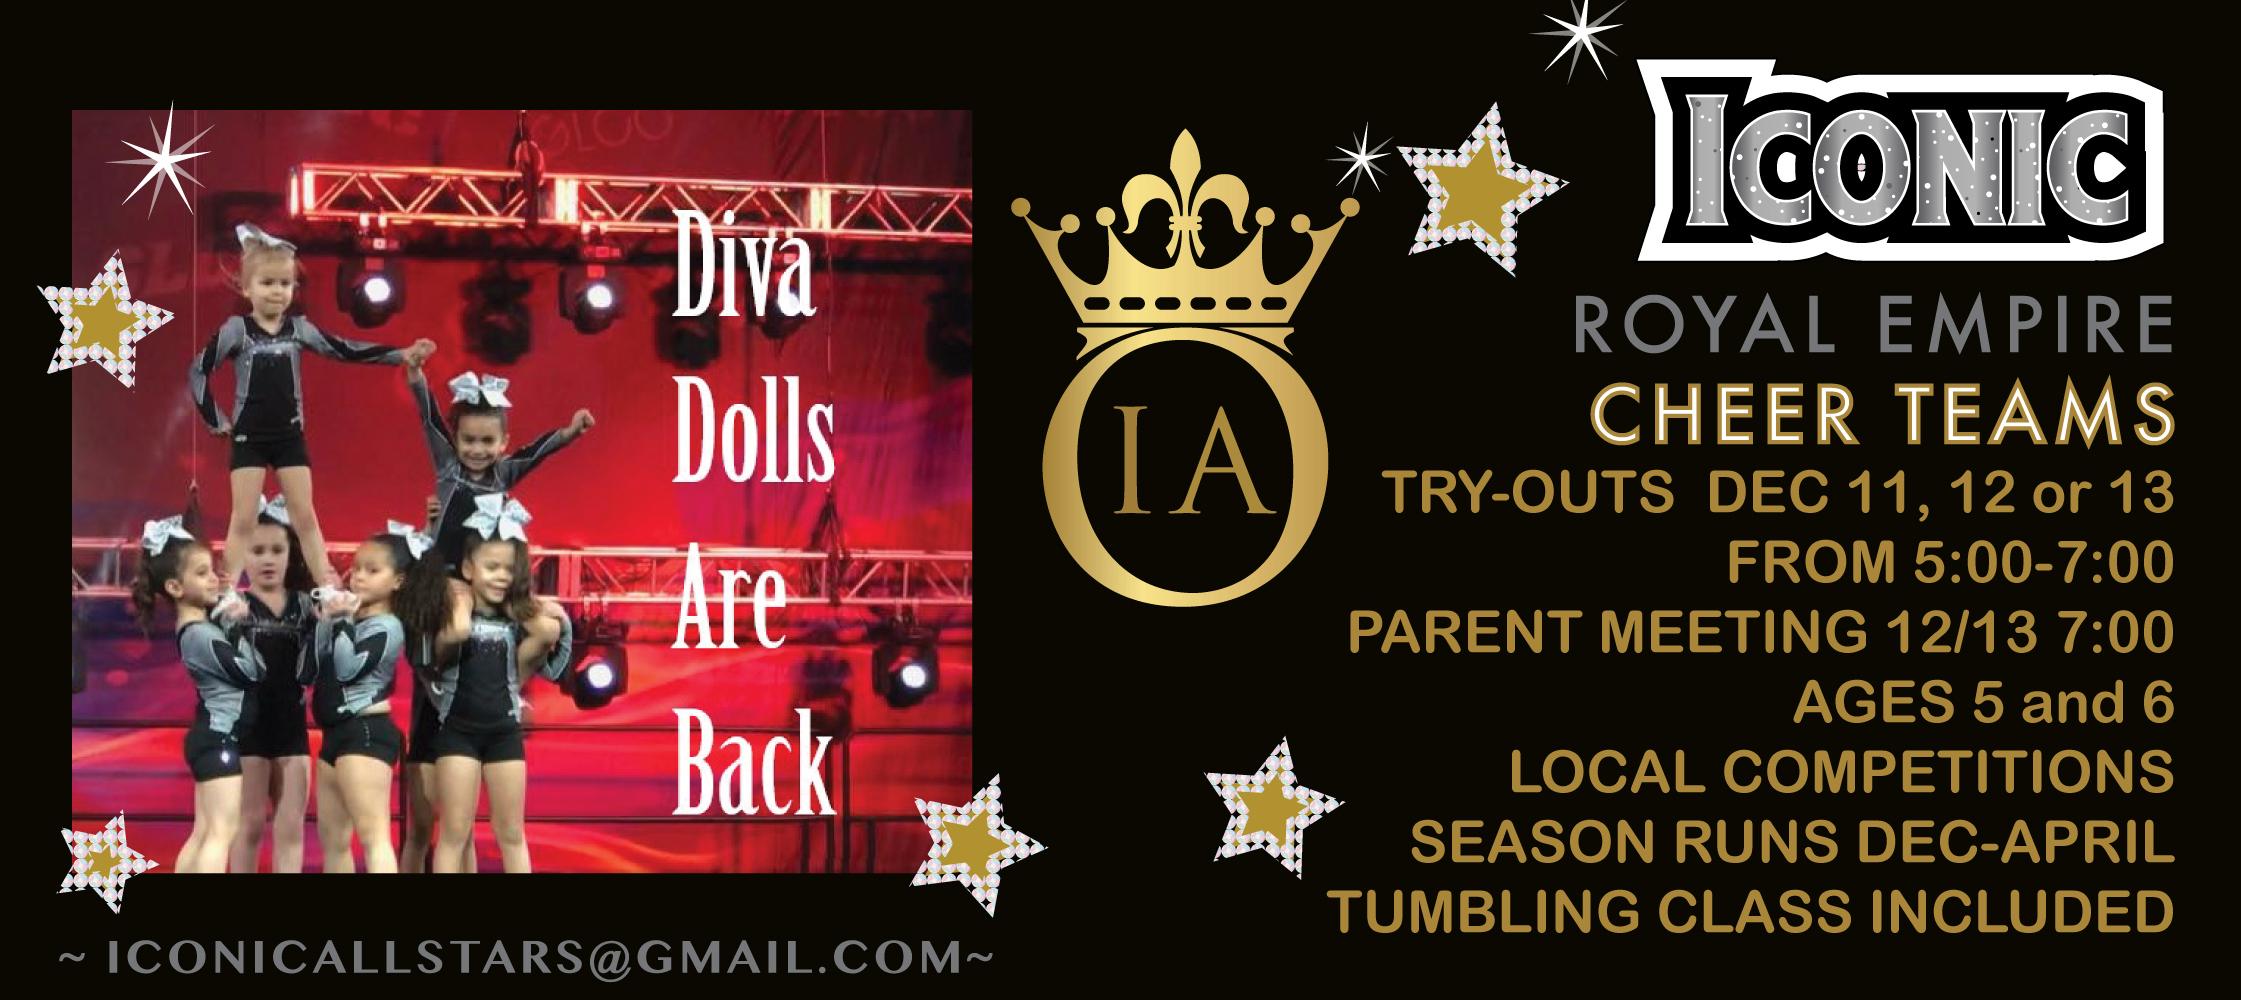 diva-dolls-for-web-2